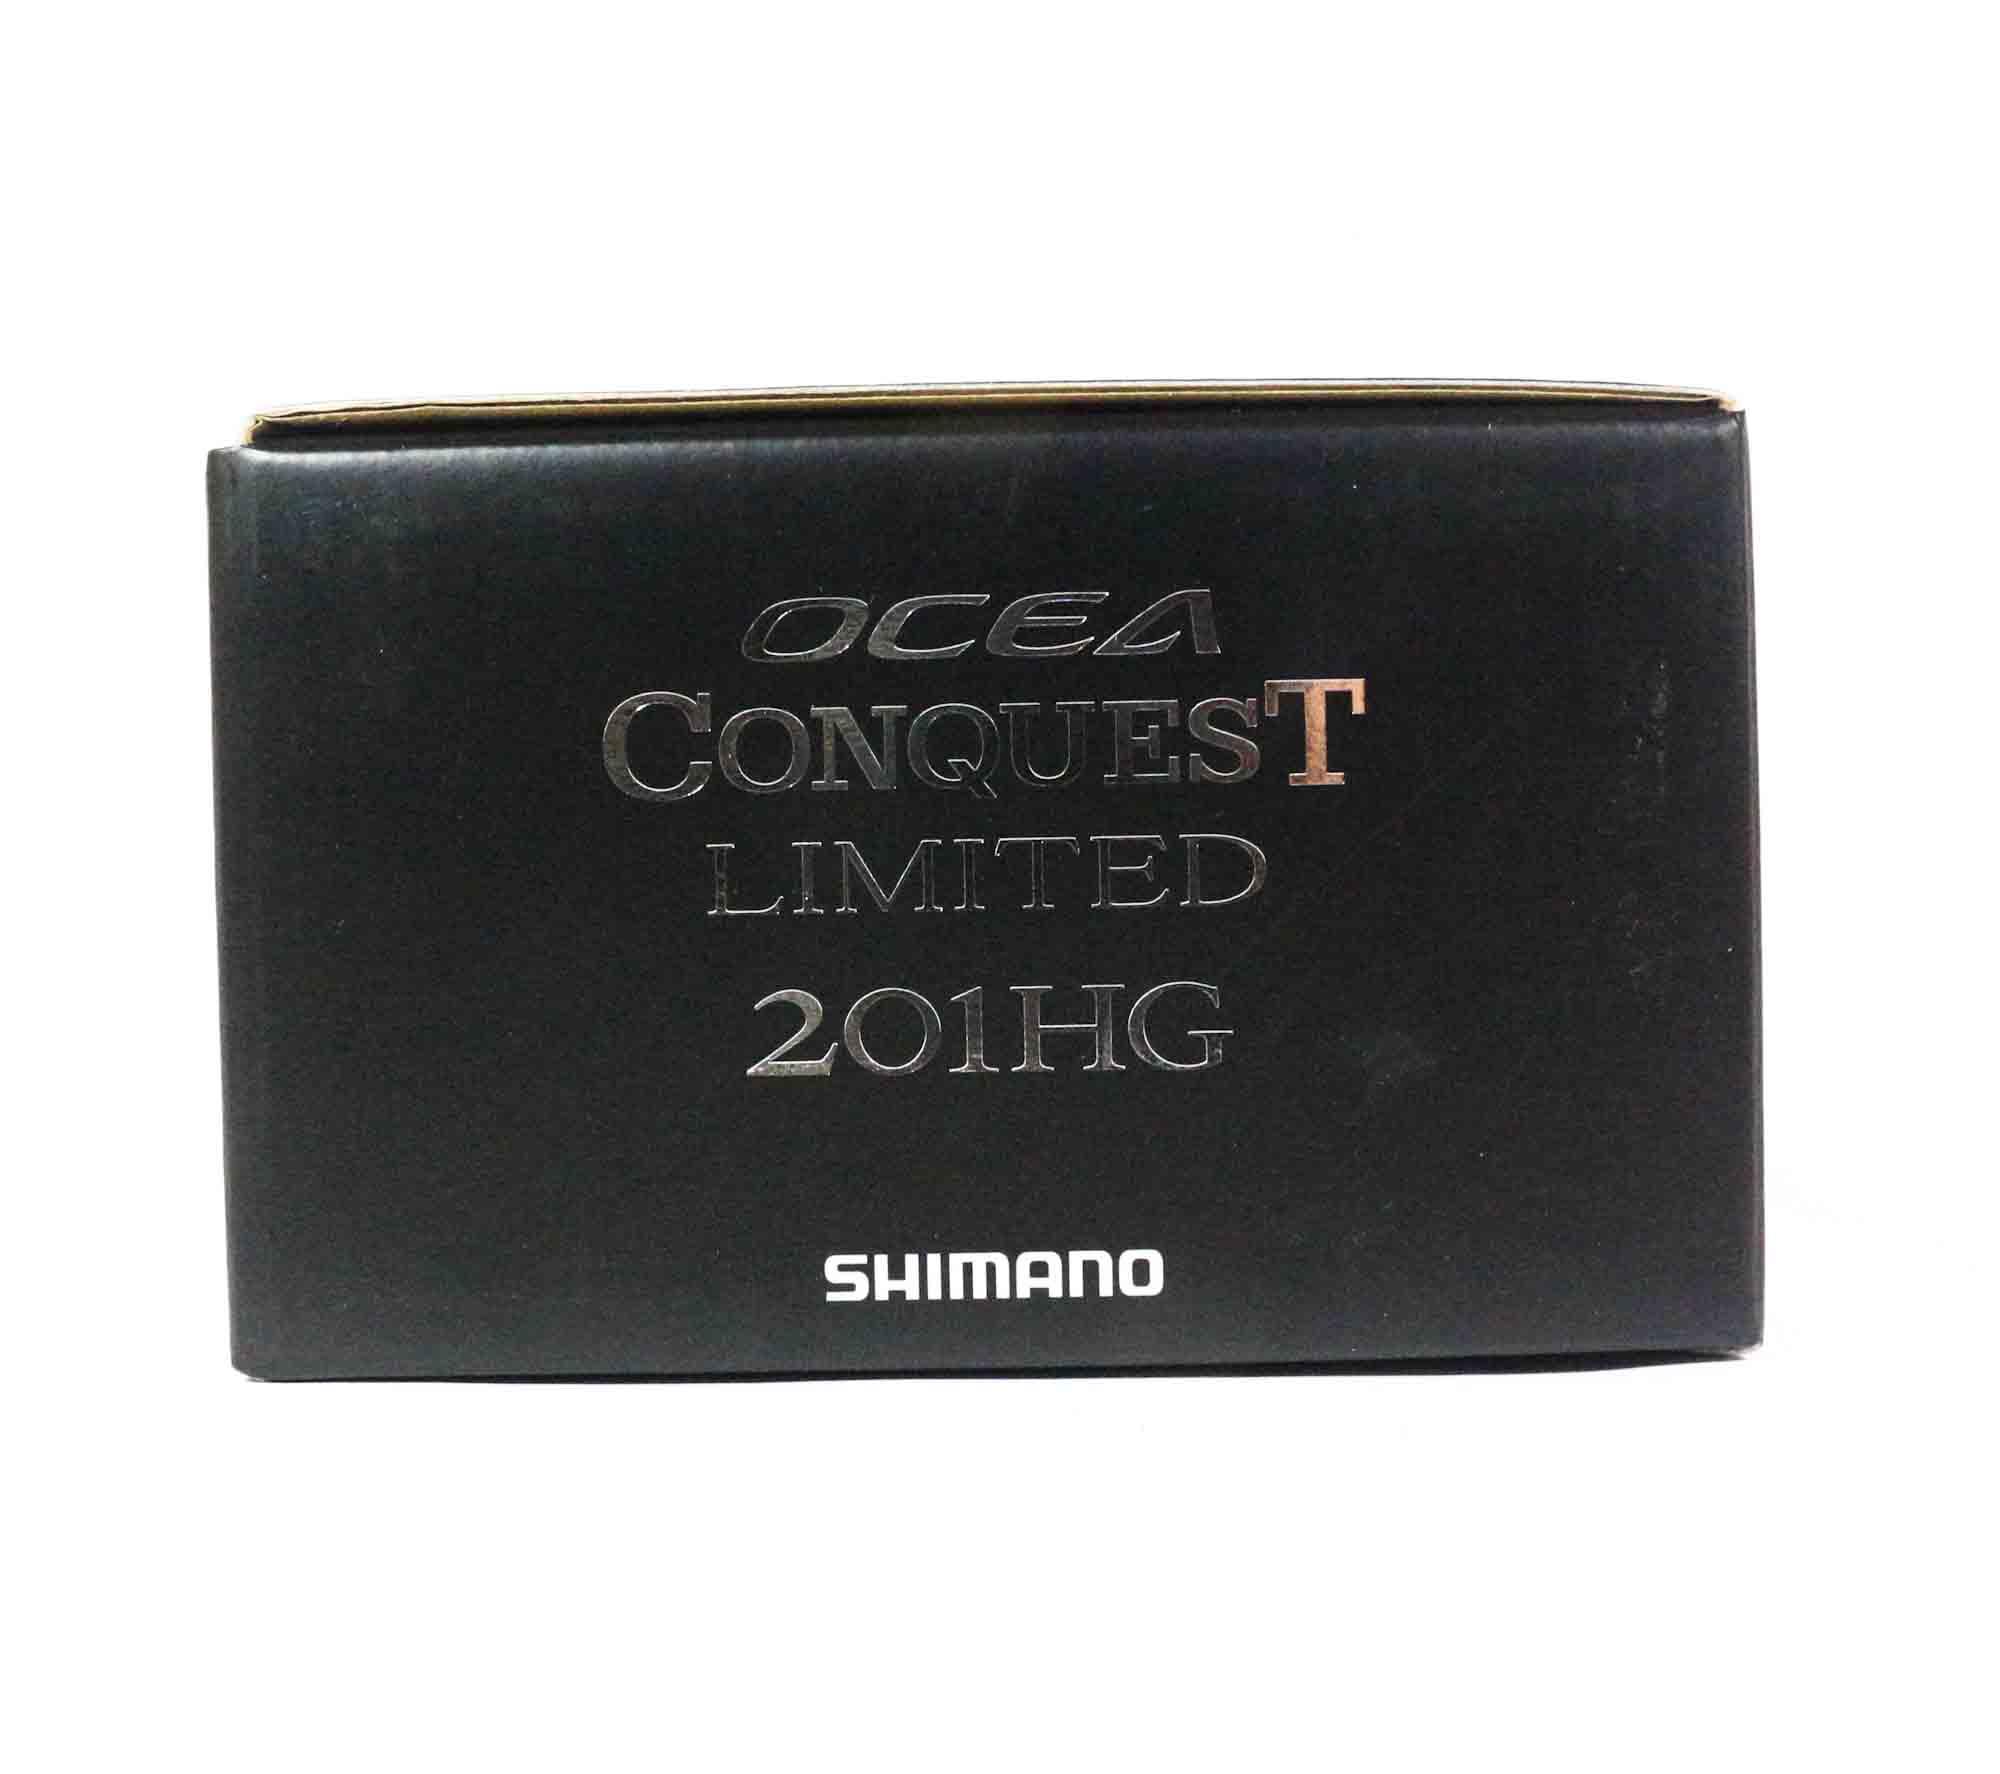 Shimano Reel Baitcast Ocea Conquest LTD 201 HG Left Hand (1845)